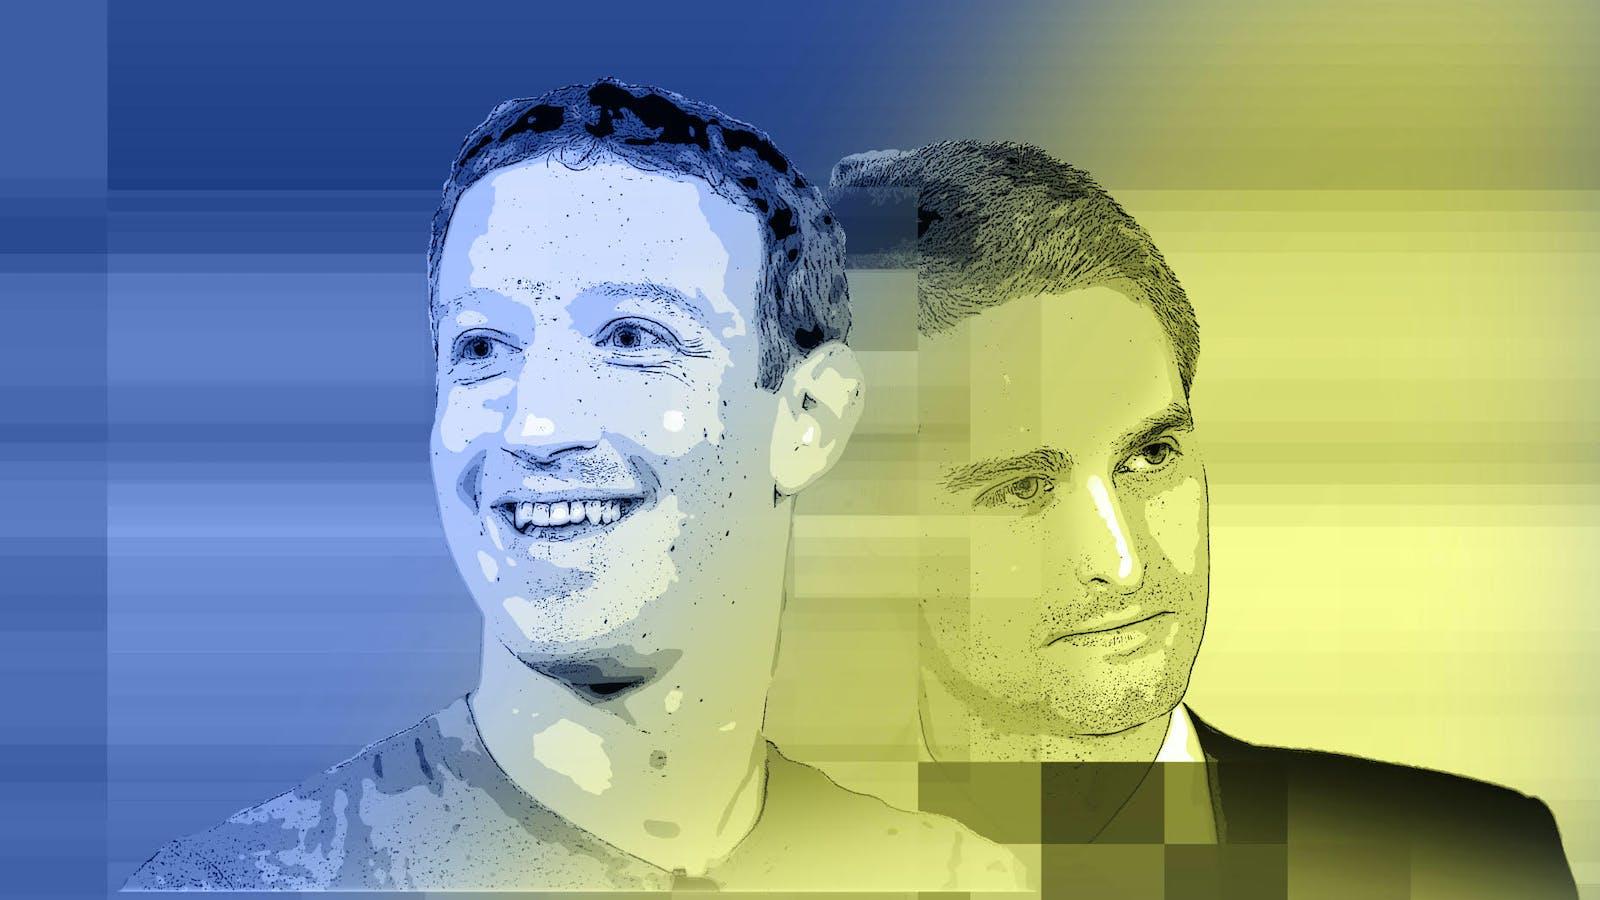 Facebook CEO Mark Zuckerberg and Snap CEO Evan Spiegel. Art by Matt Vascellaro.